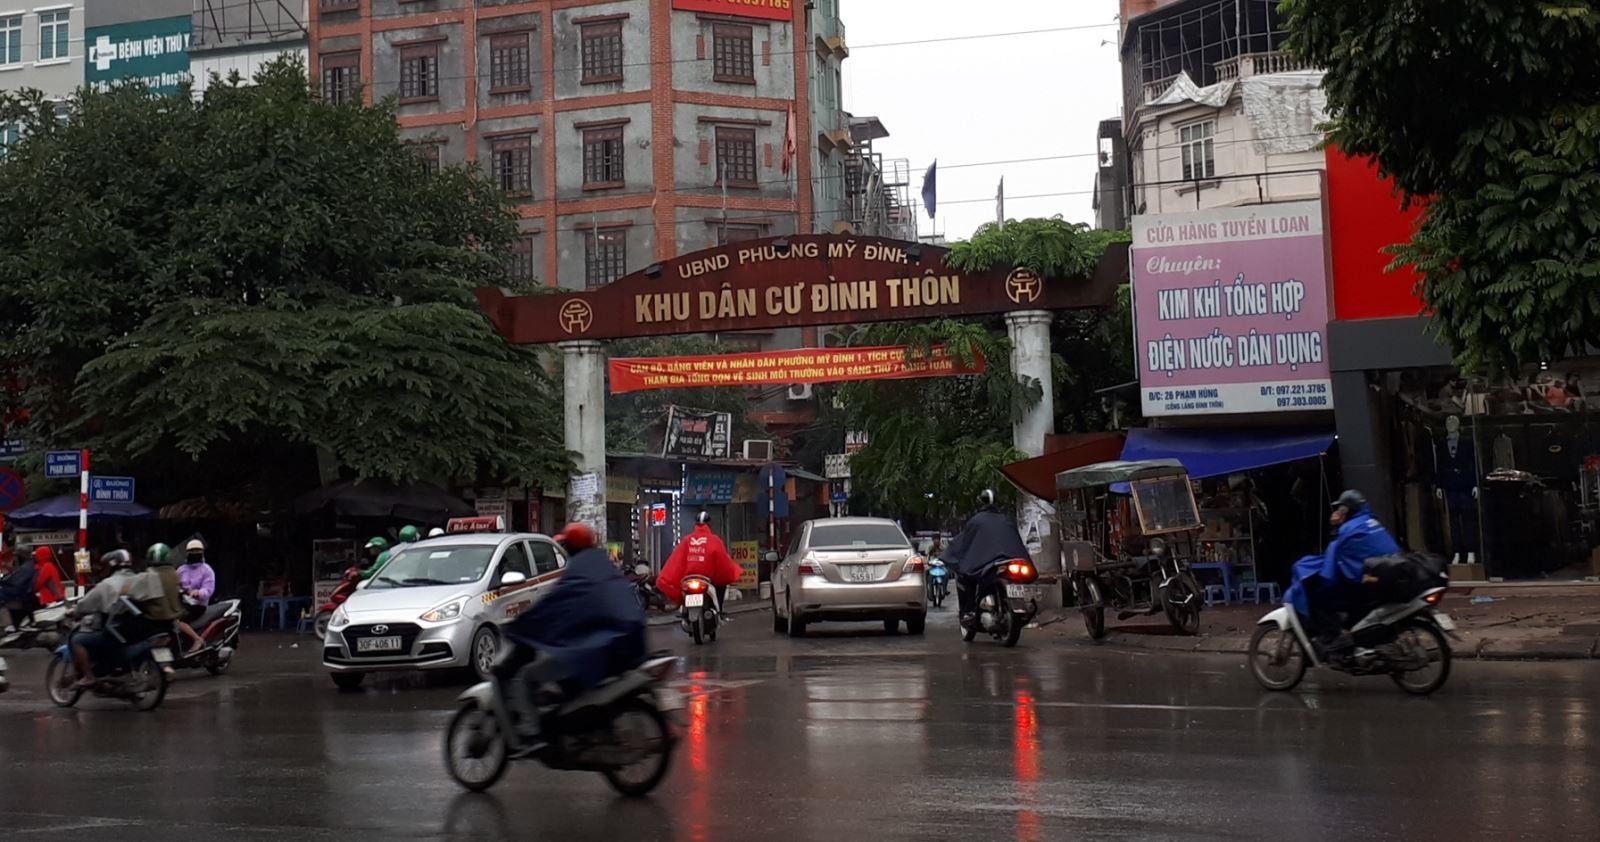 Lạ mắt với hàng cột, biển 'đồng phục' tại tuyến phố kiểu mẫu thứ 2 của Hà Nội - Ảnh 1.